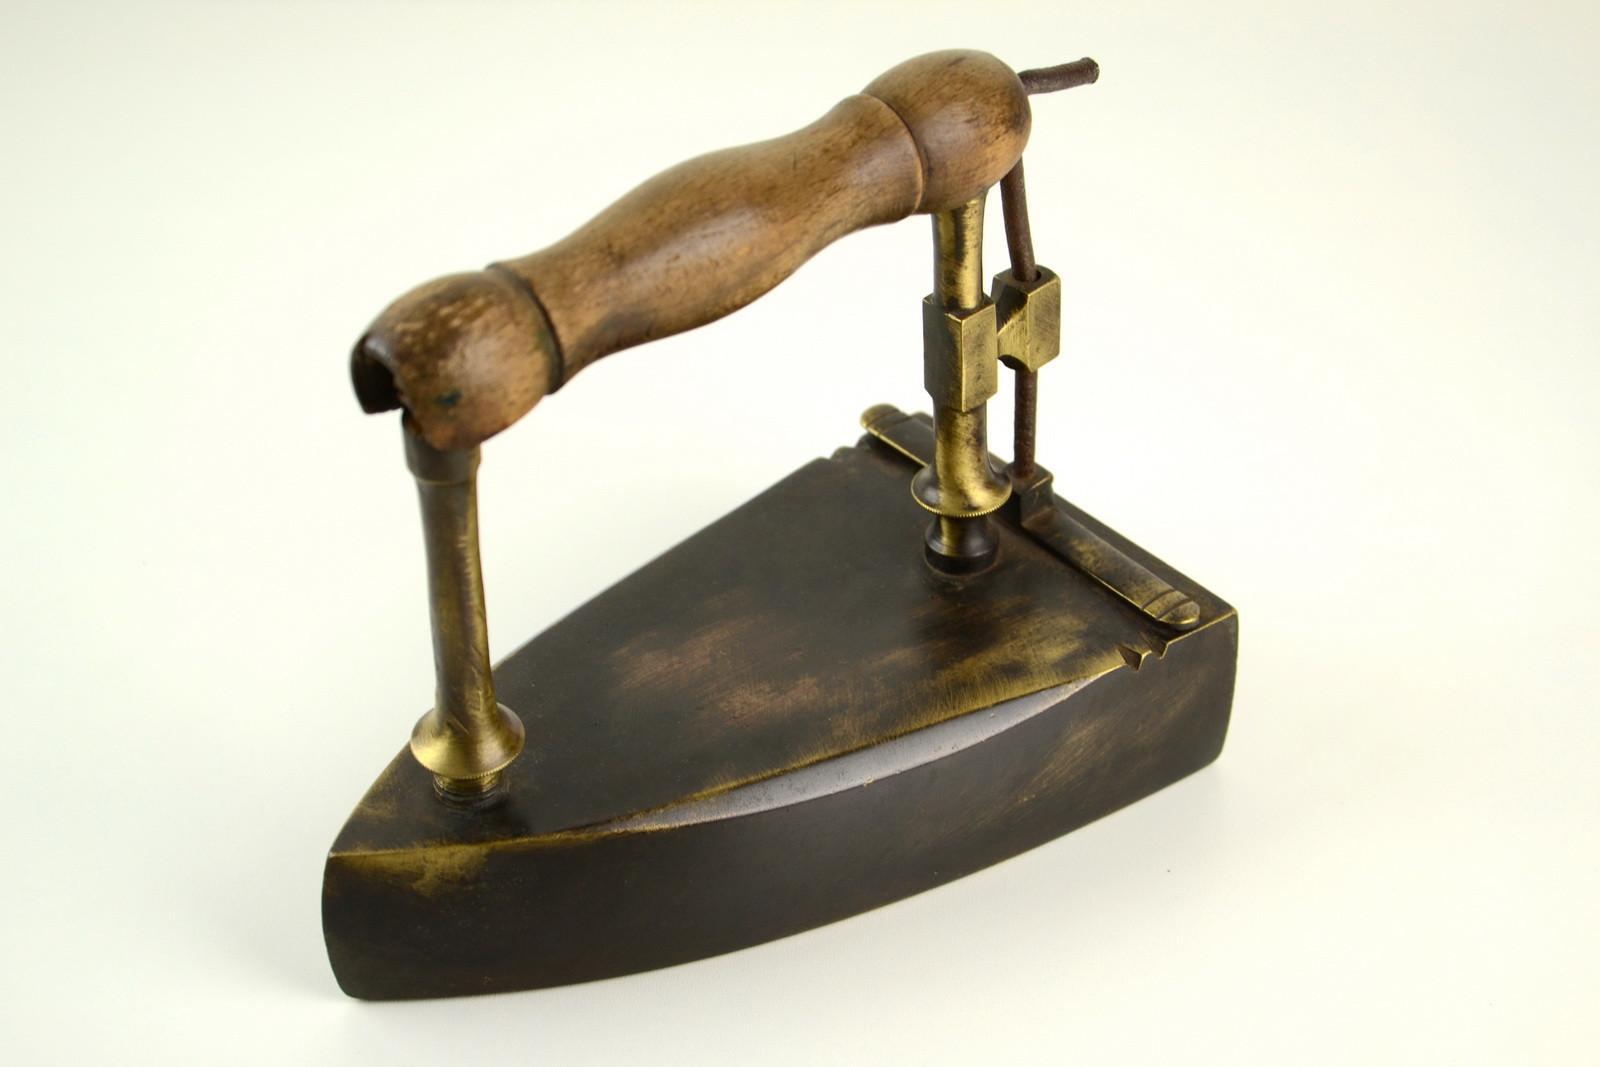 Raccolta Ferro Vecchio Catania vecchio ferro da stiro in ottone, metallo, oggetti rurali,